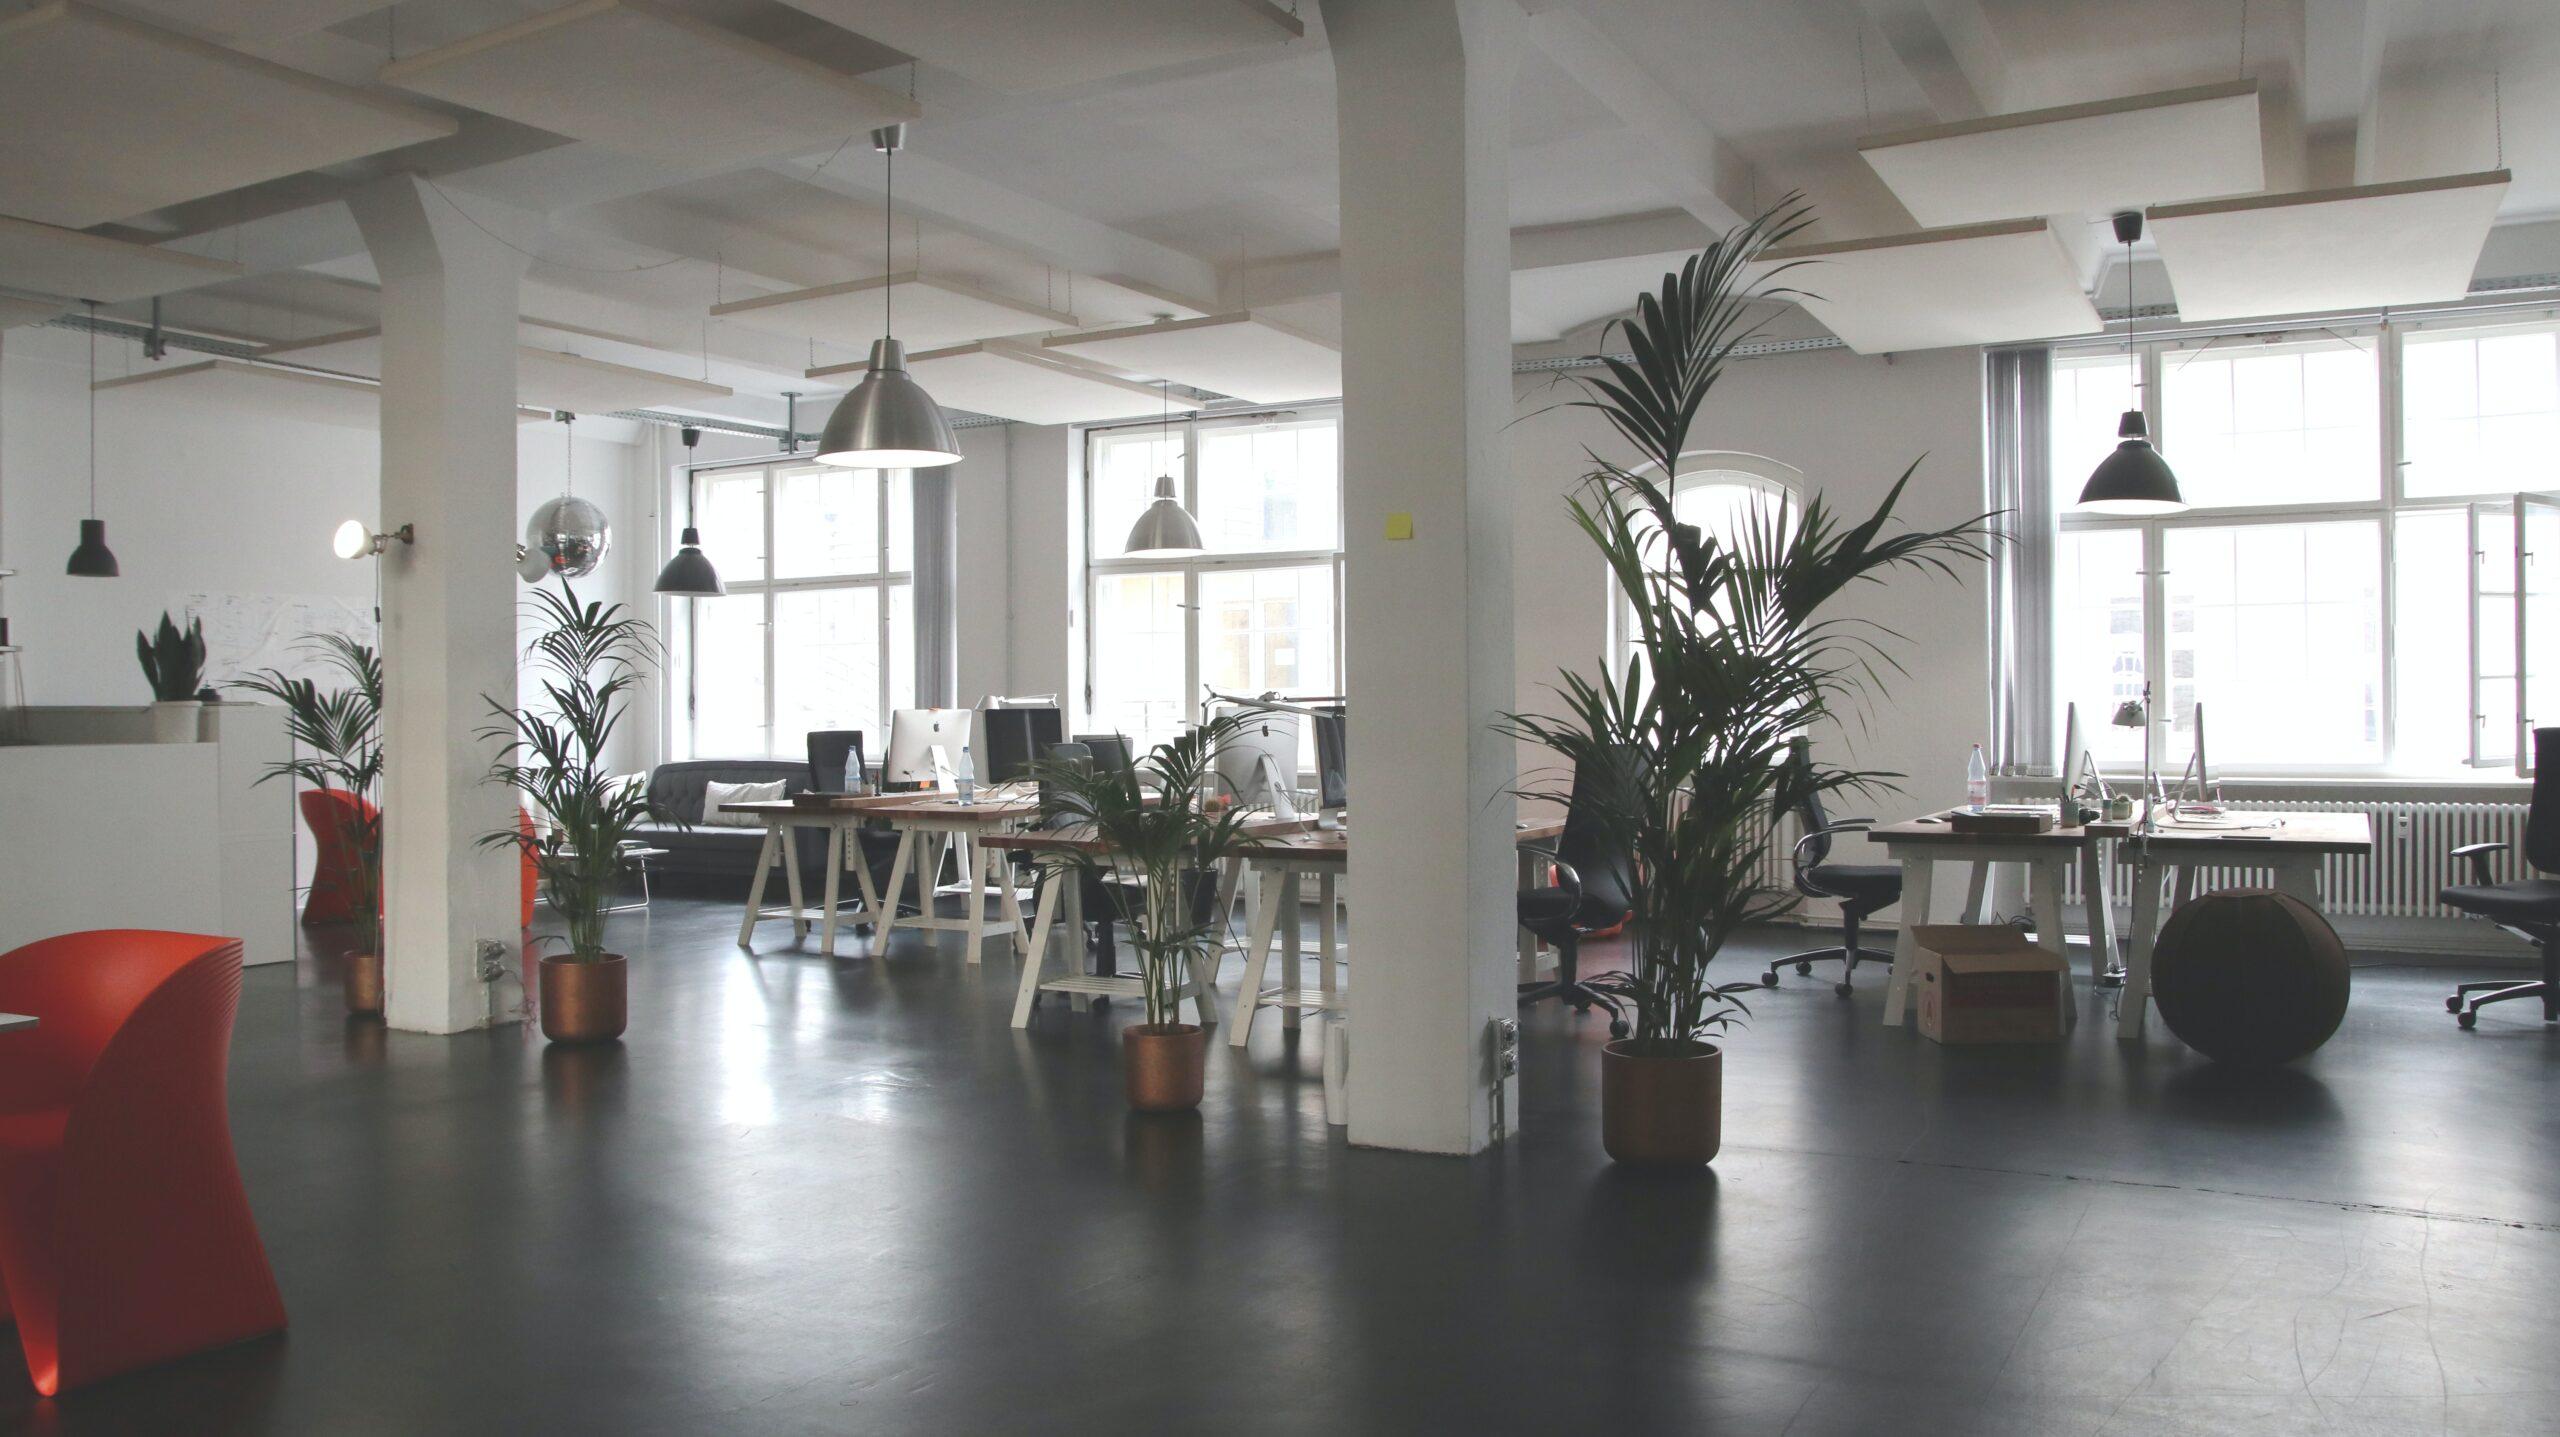 まとめ:オフィスに企業理念を浸透させ、働きやすい環境を提供しよう